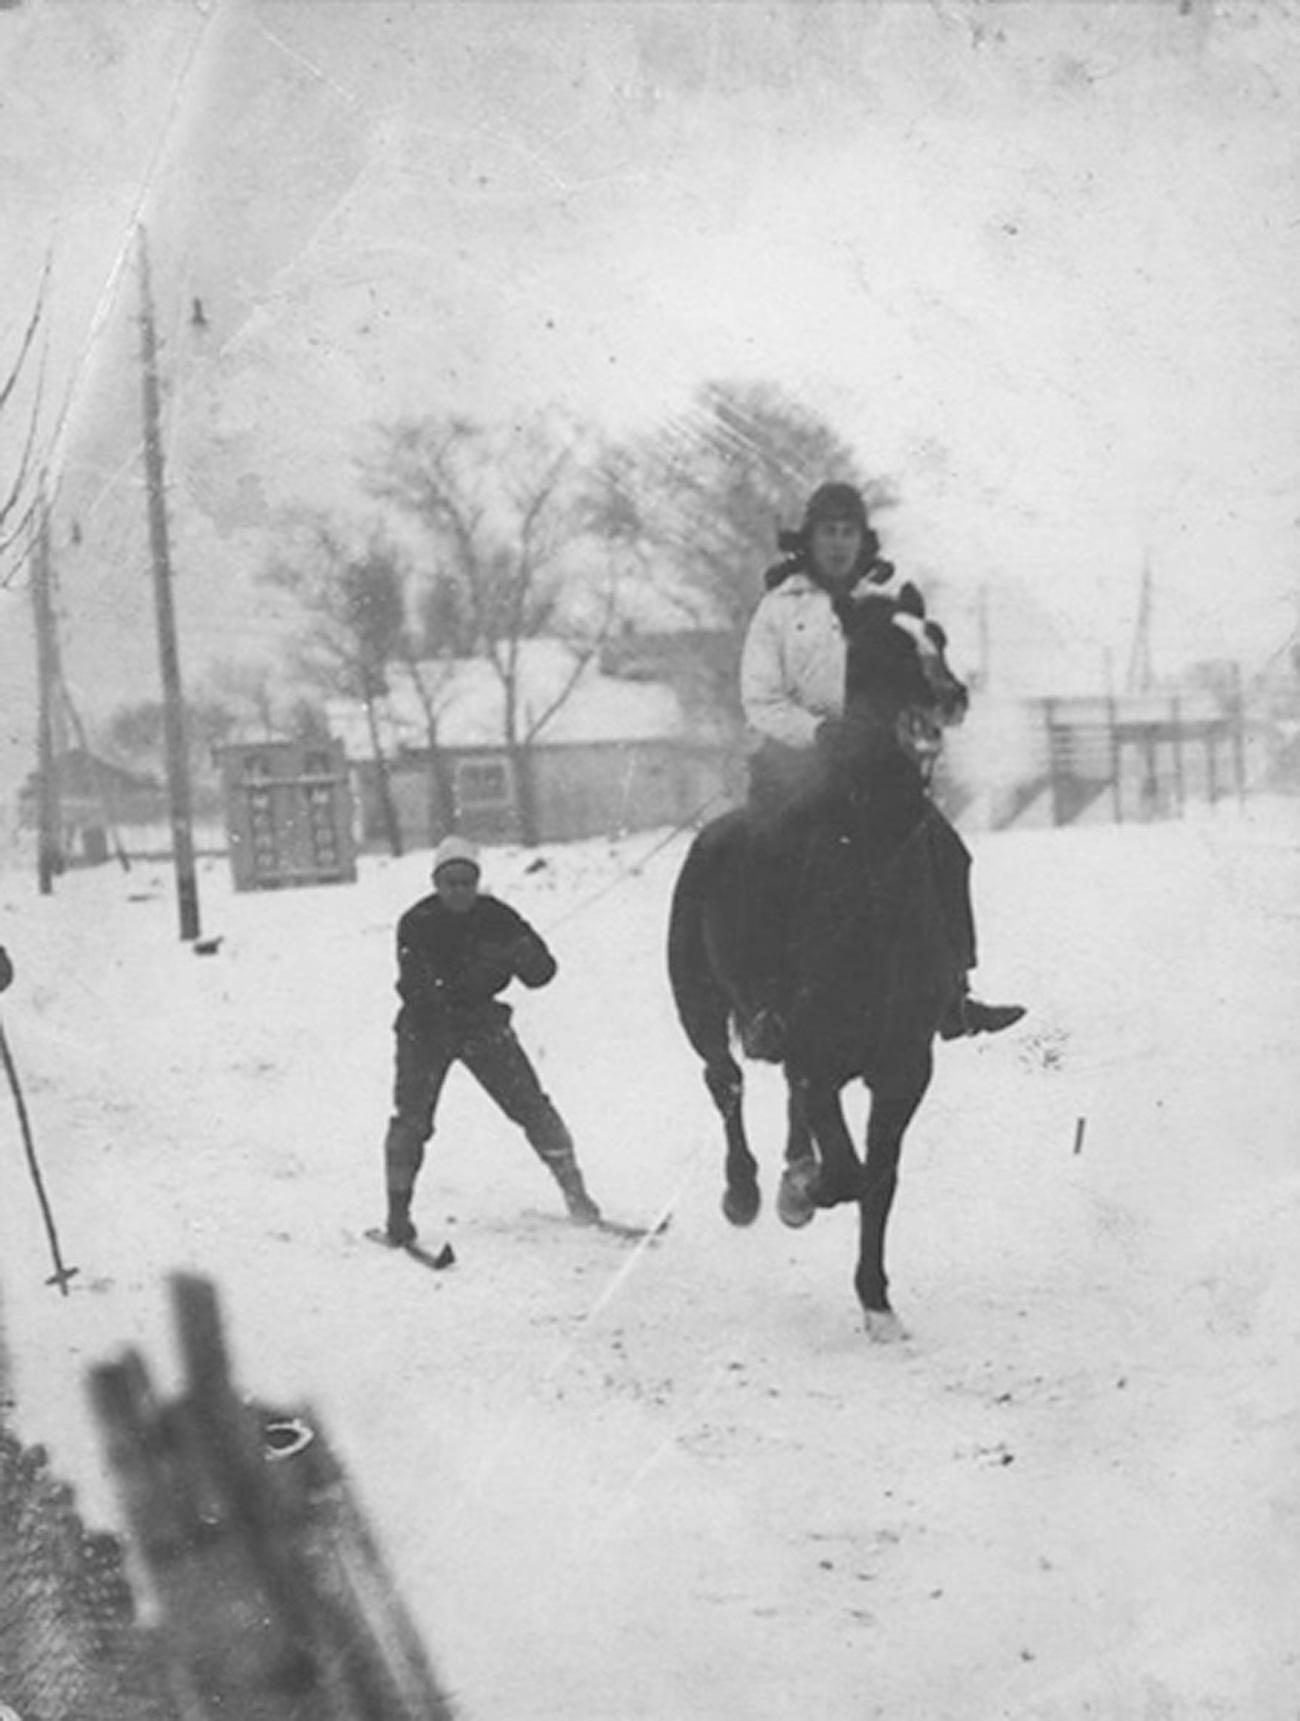 Loisirs d'hiver. Crédit : archives du parc Gorki.